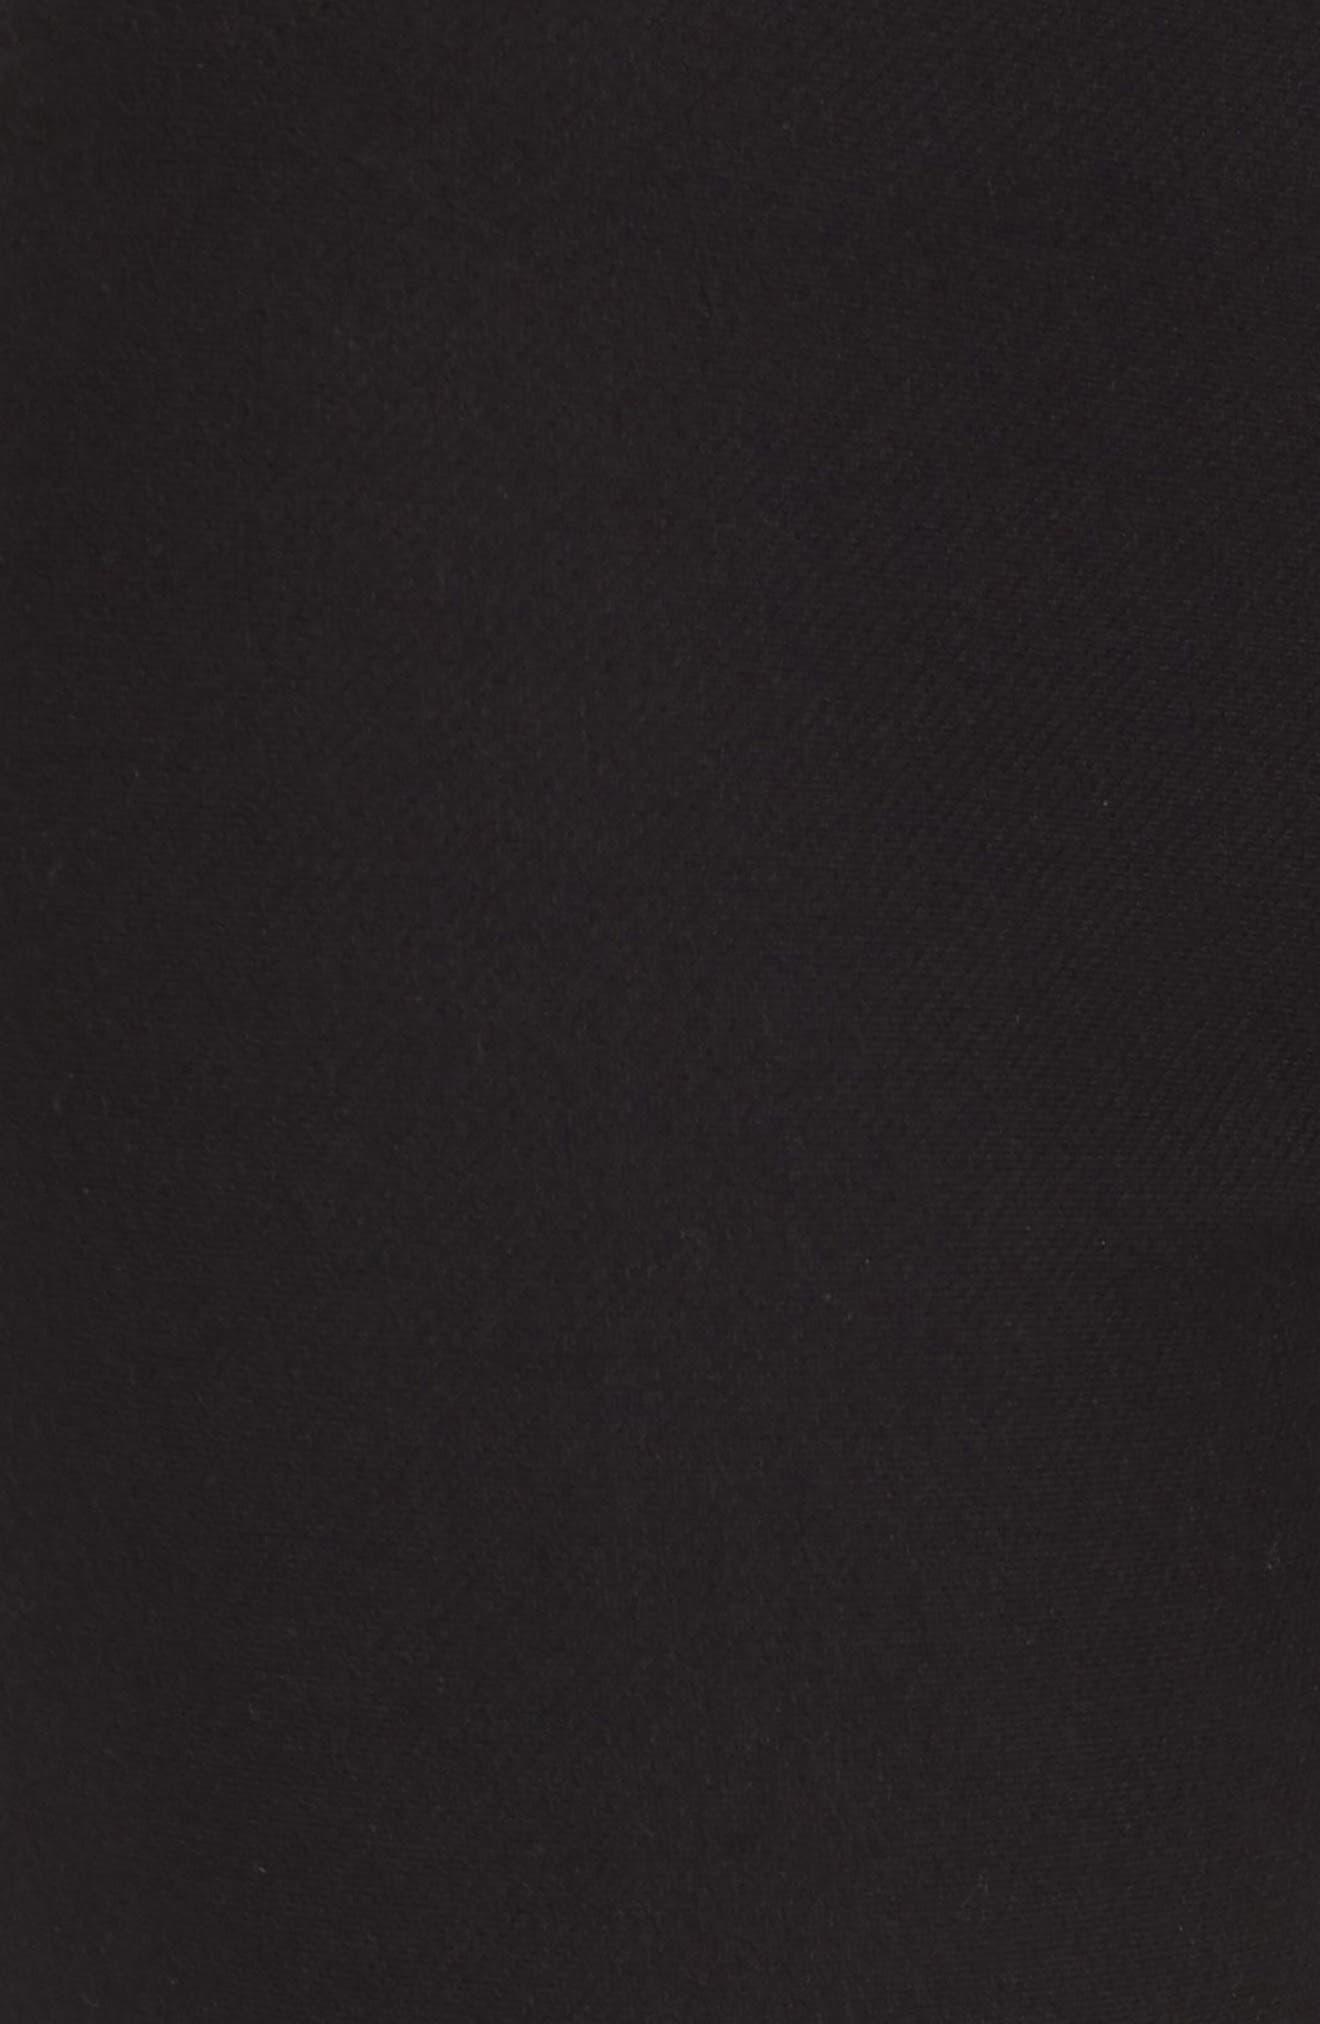 Basic Denim Leggings,                             Alternate thumbnail 5, color,                             Black